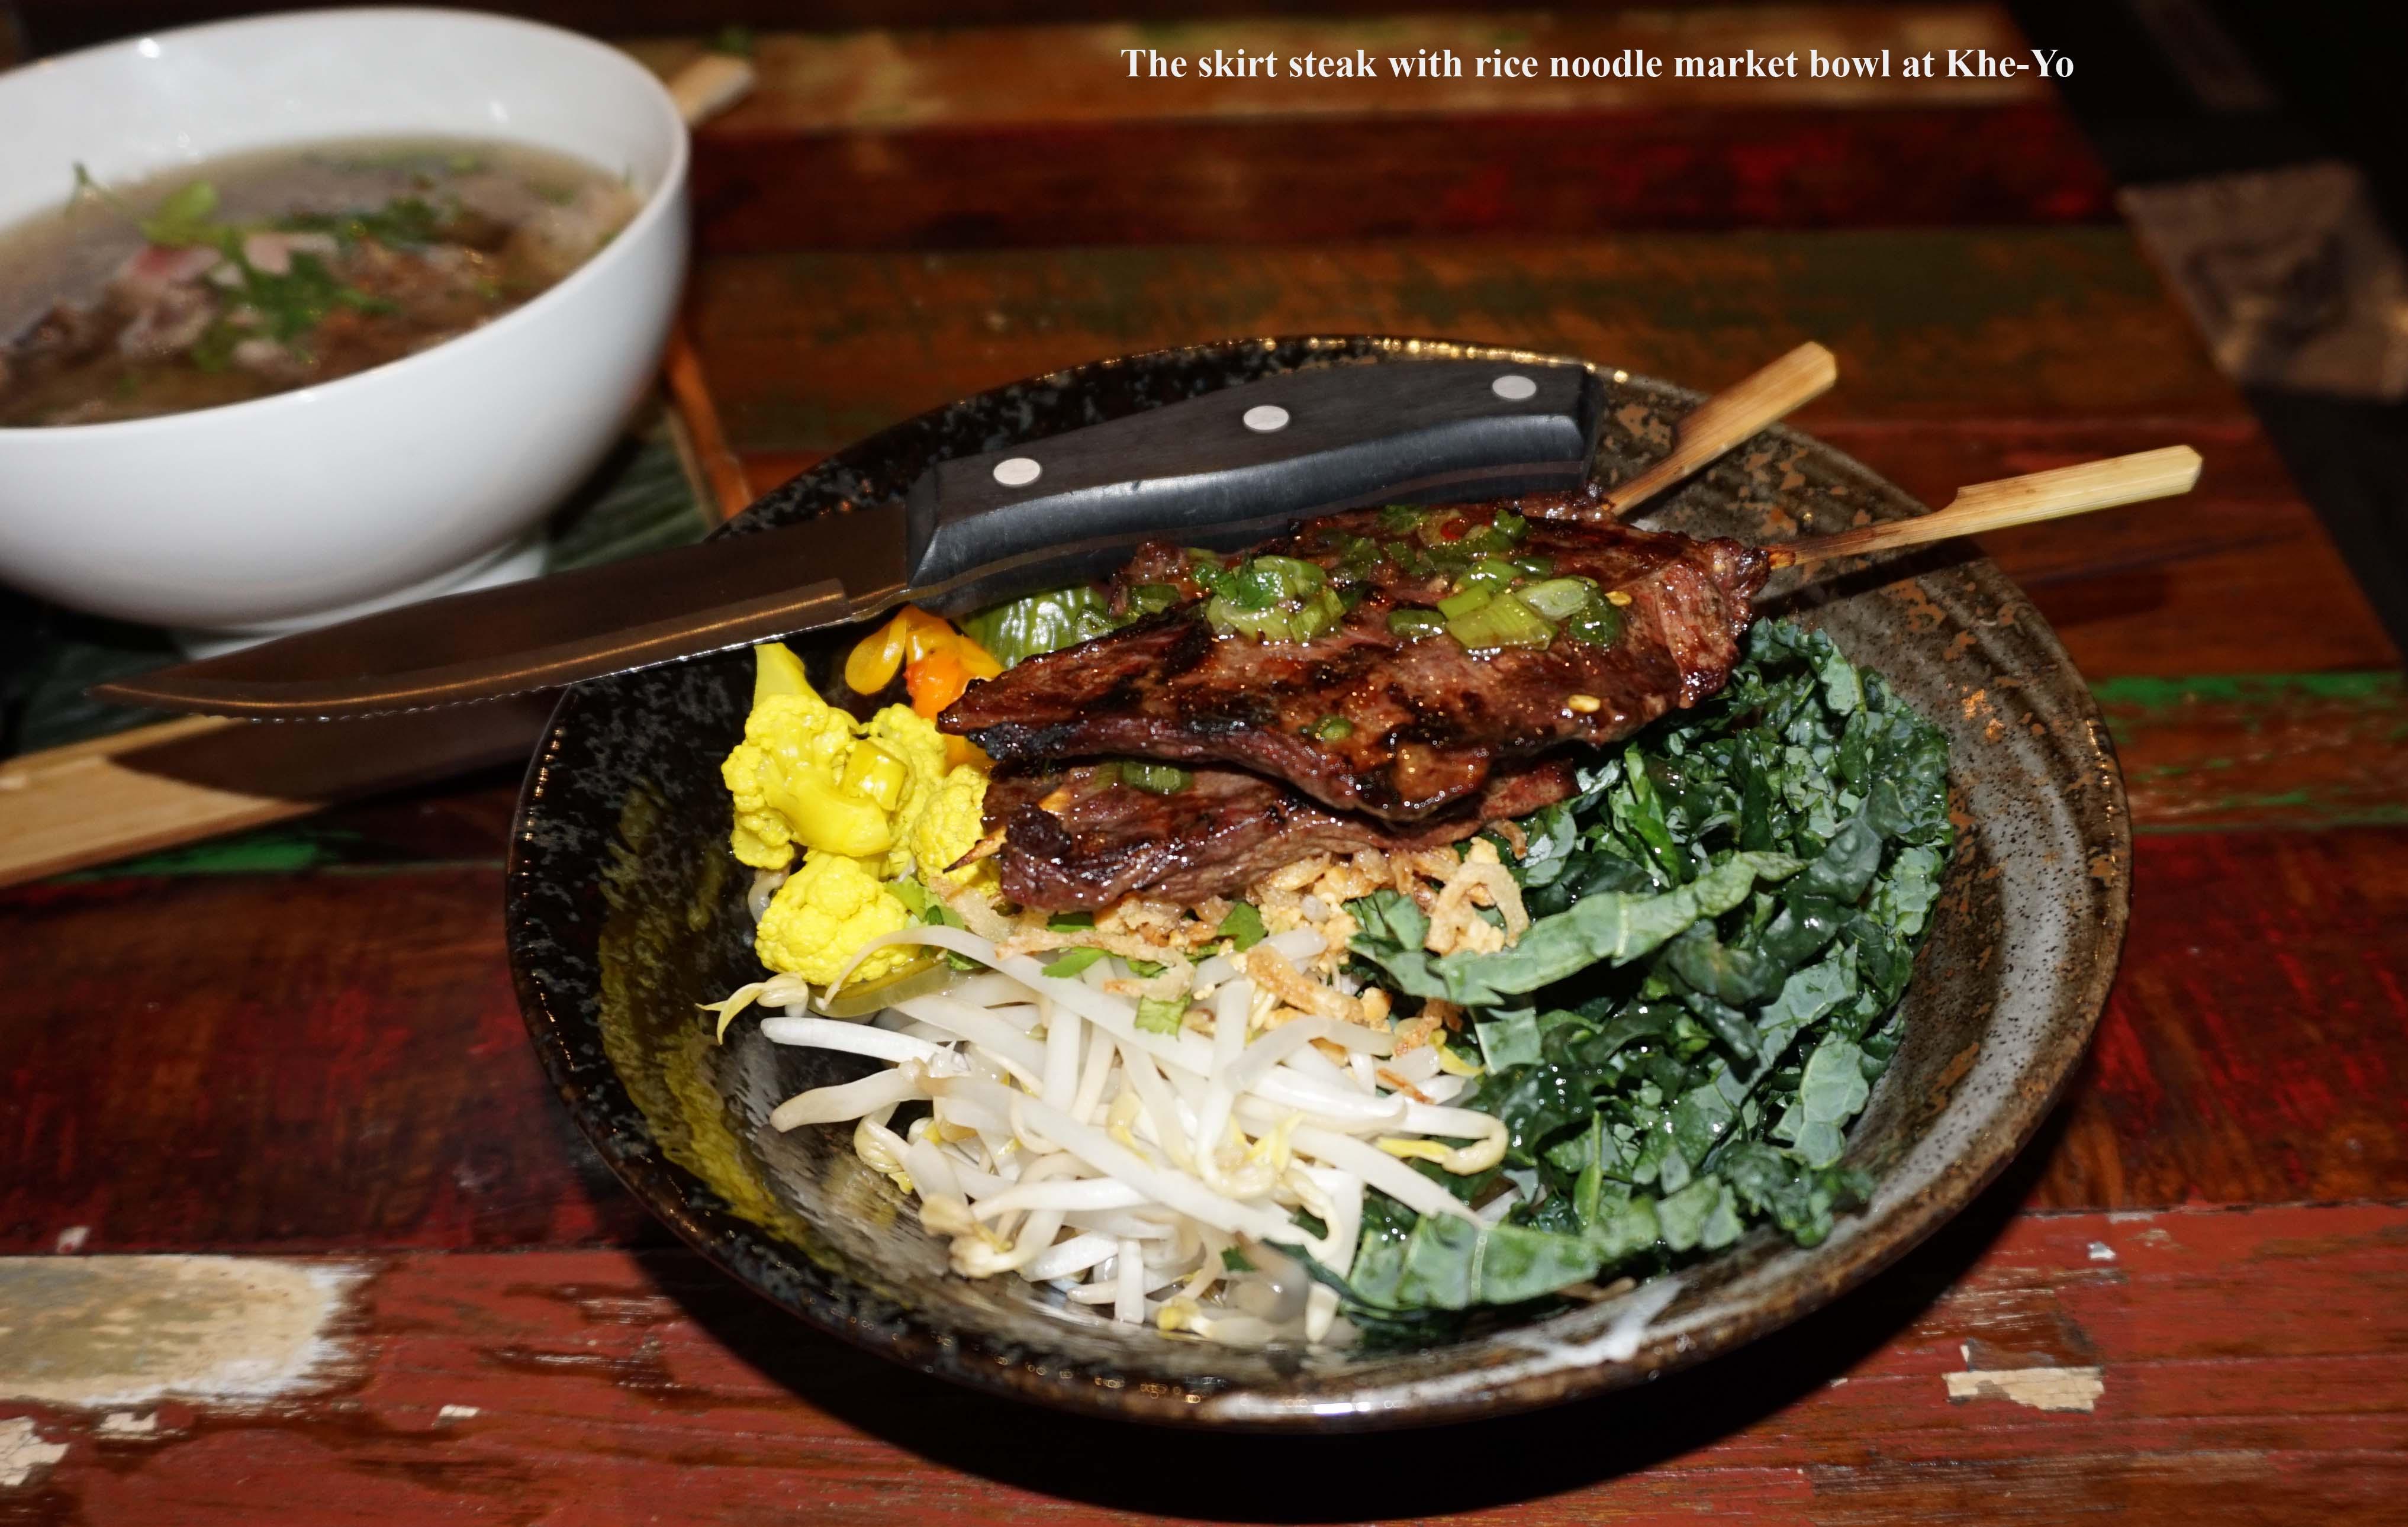 Skirt steak bowl Khe Yo